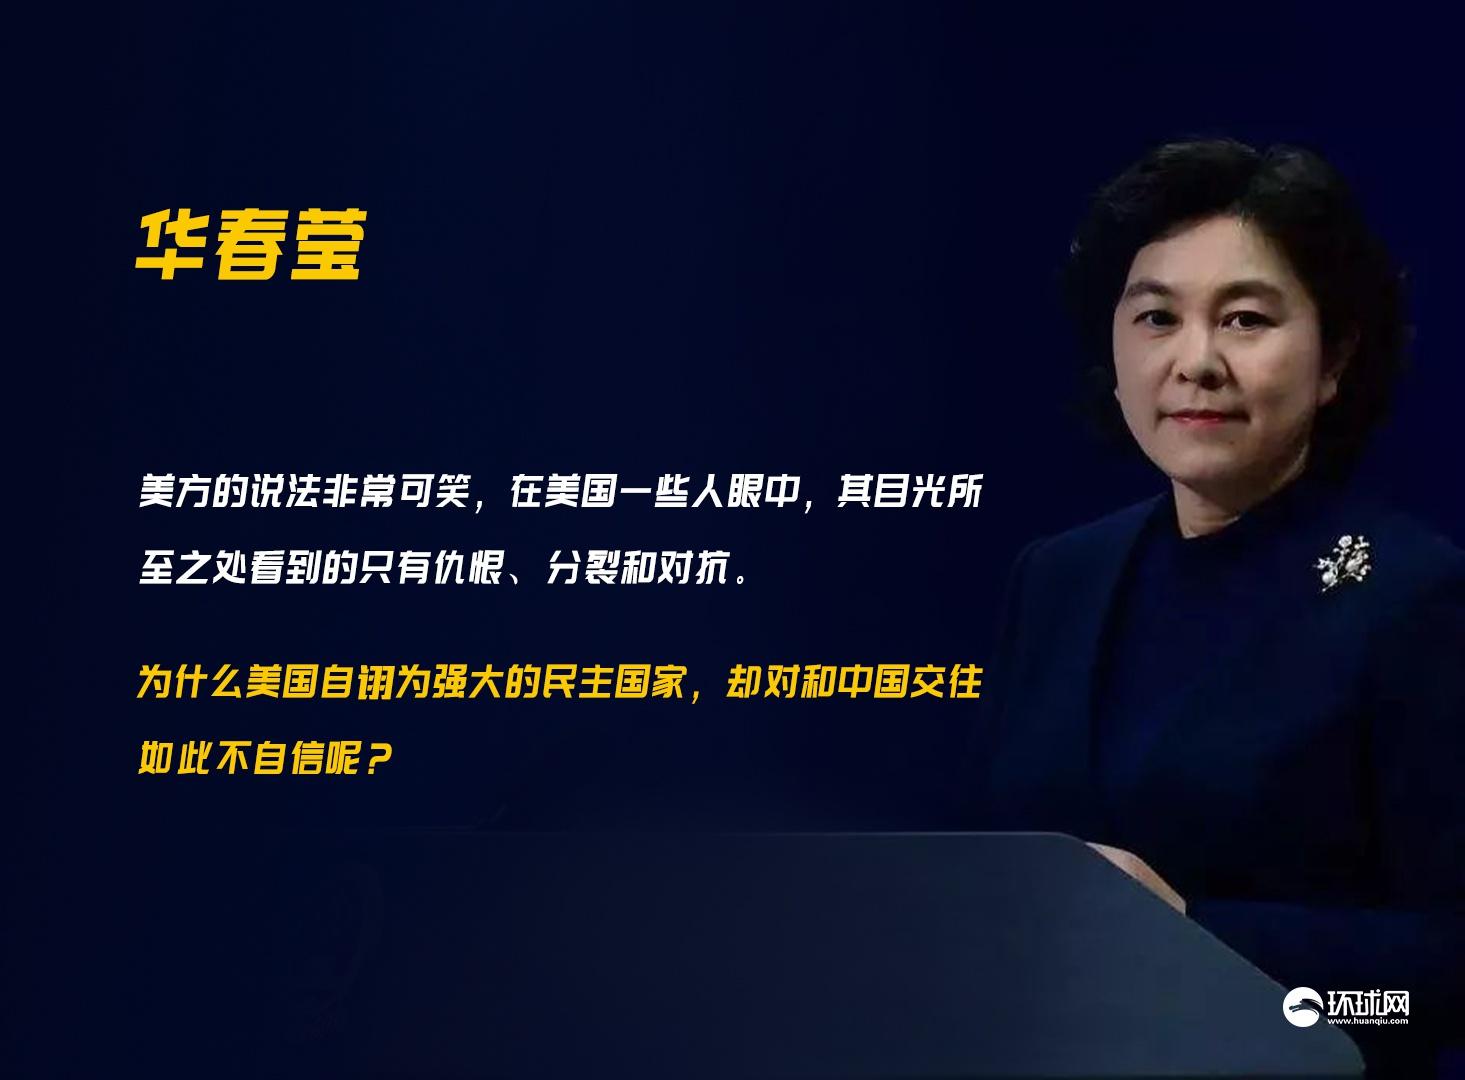 美官员称千余名中国研究人员离美 外交部回应图片